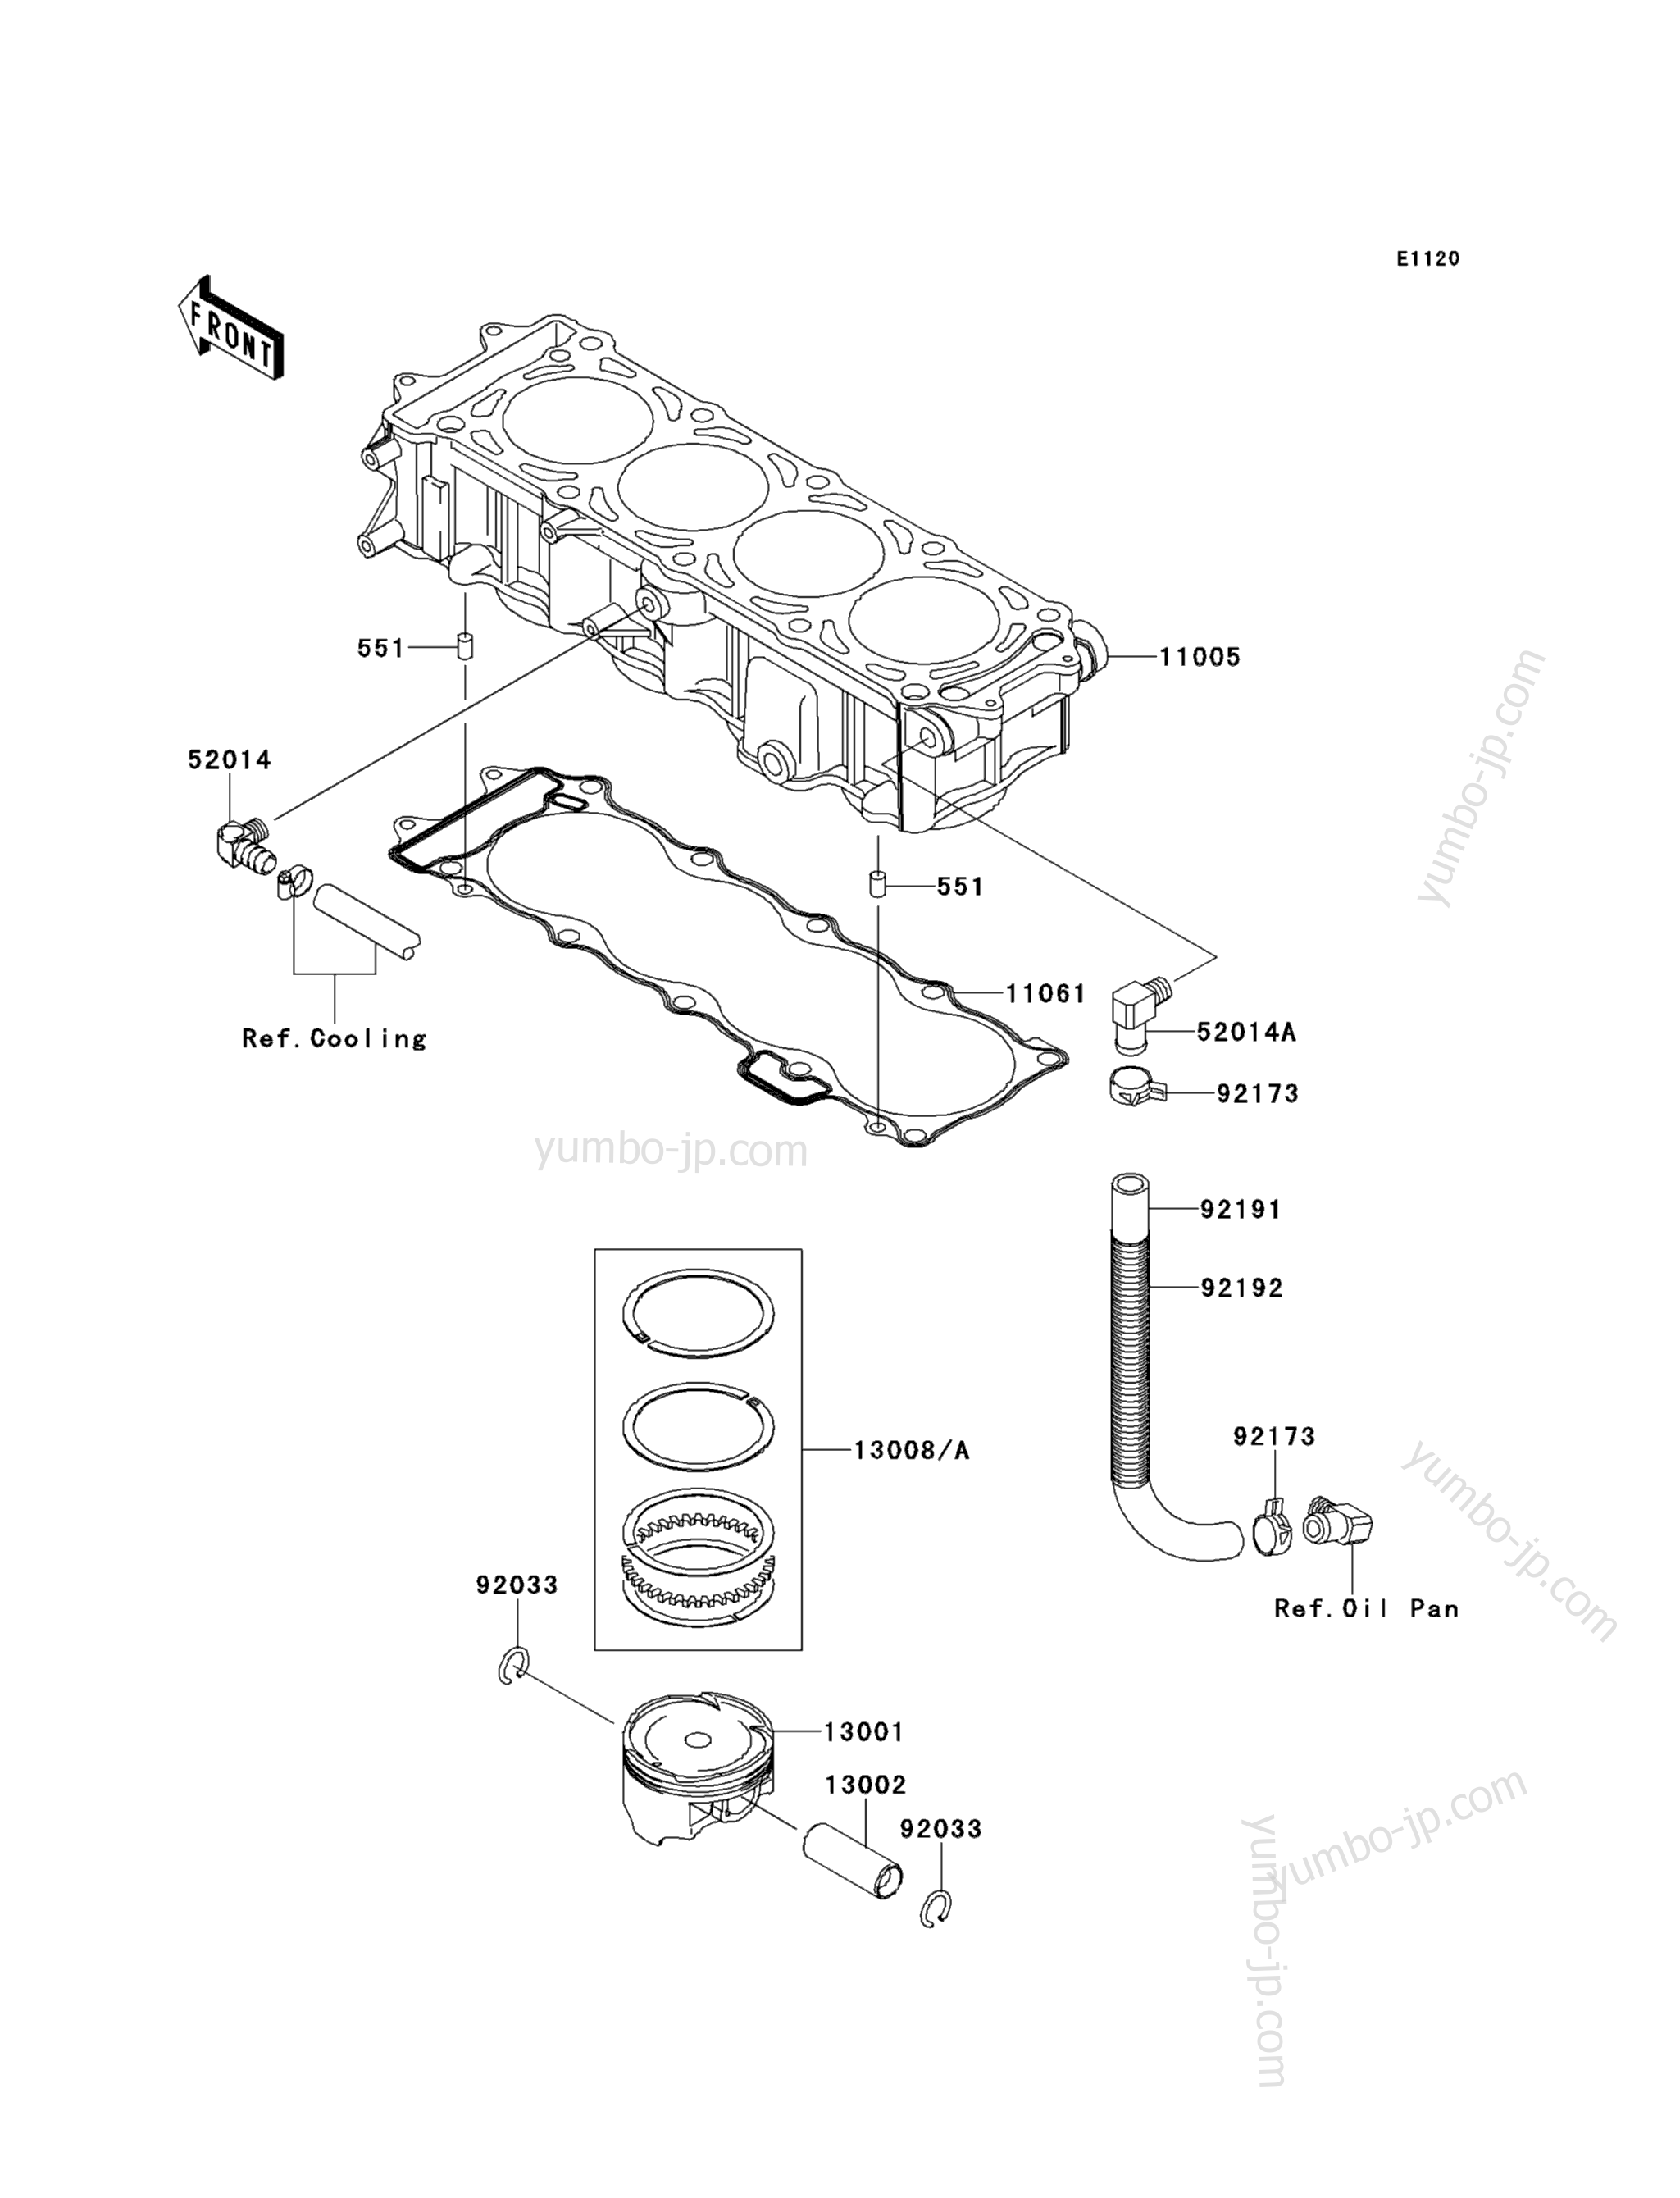 Cylinder/Piston(s) для гидроциклов KAWASAKI JET SKI STX-15F (JT1500ADF) 2013 г.